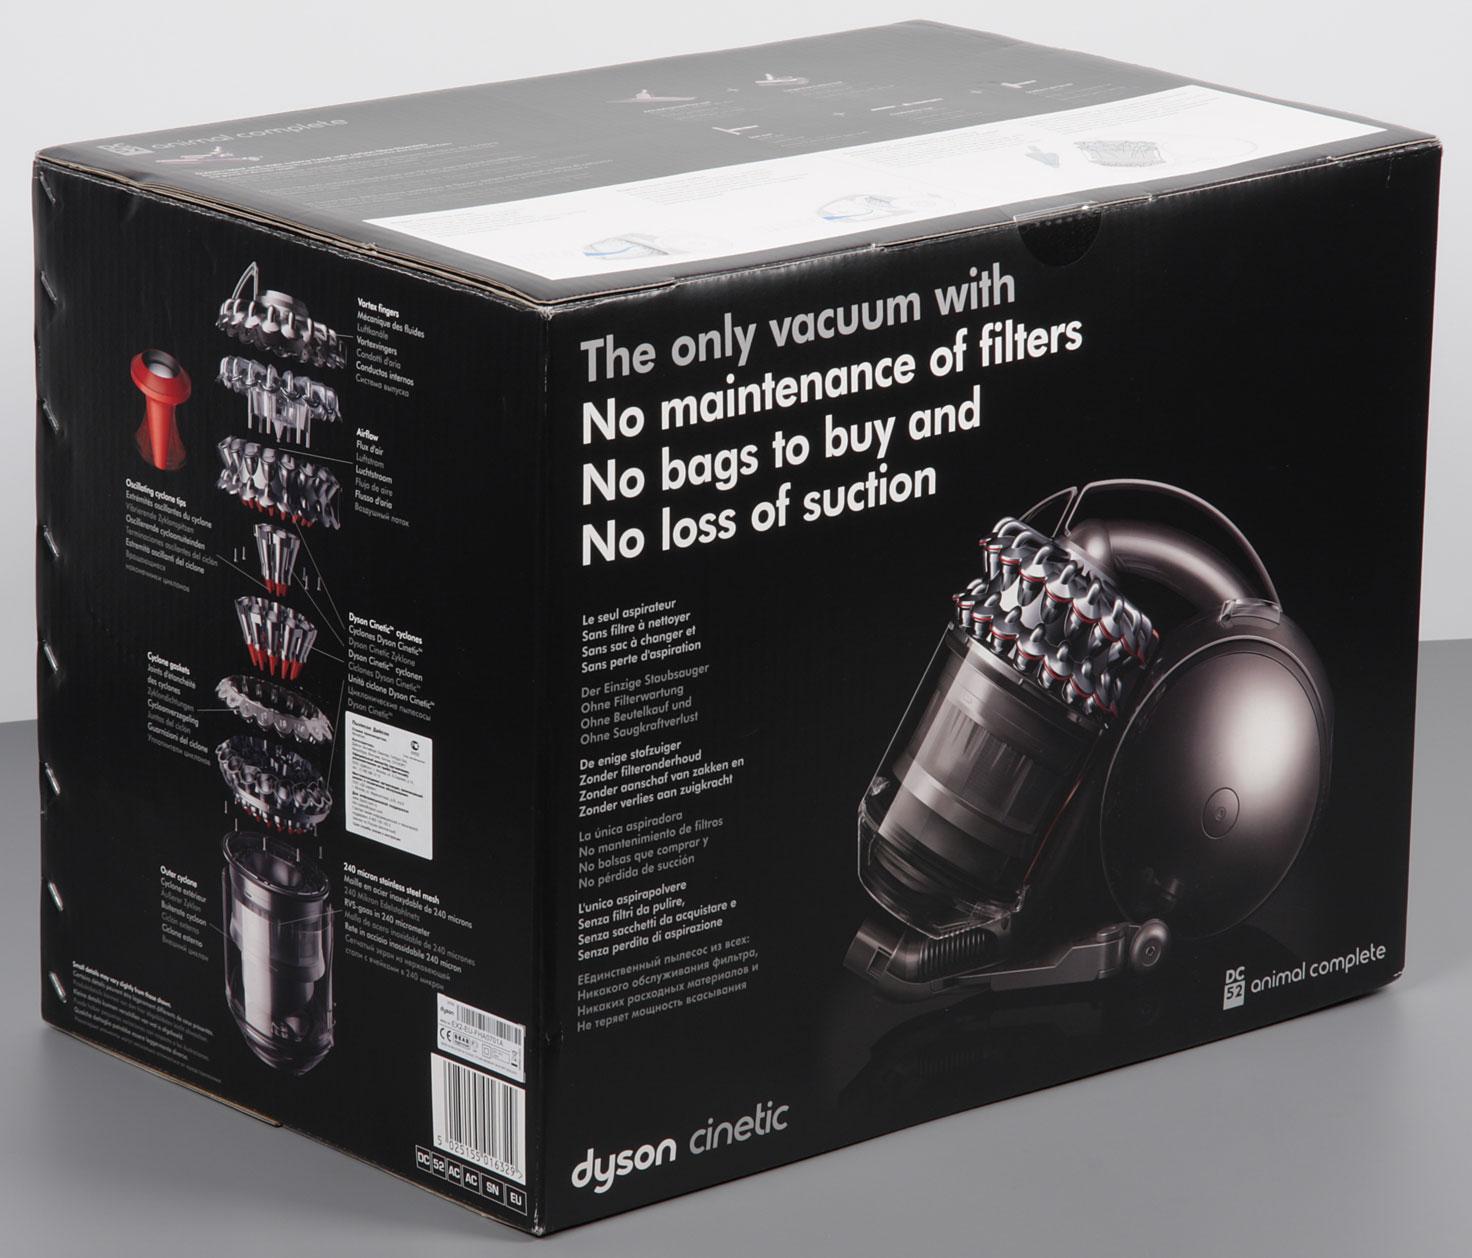 dyson dc52 animal complete. Black Bedroom Furniture Sets. Home Design Ideas